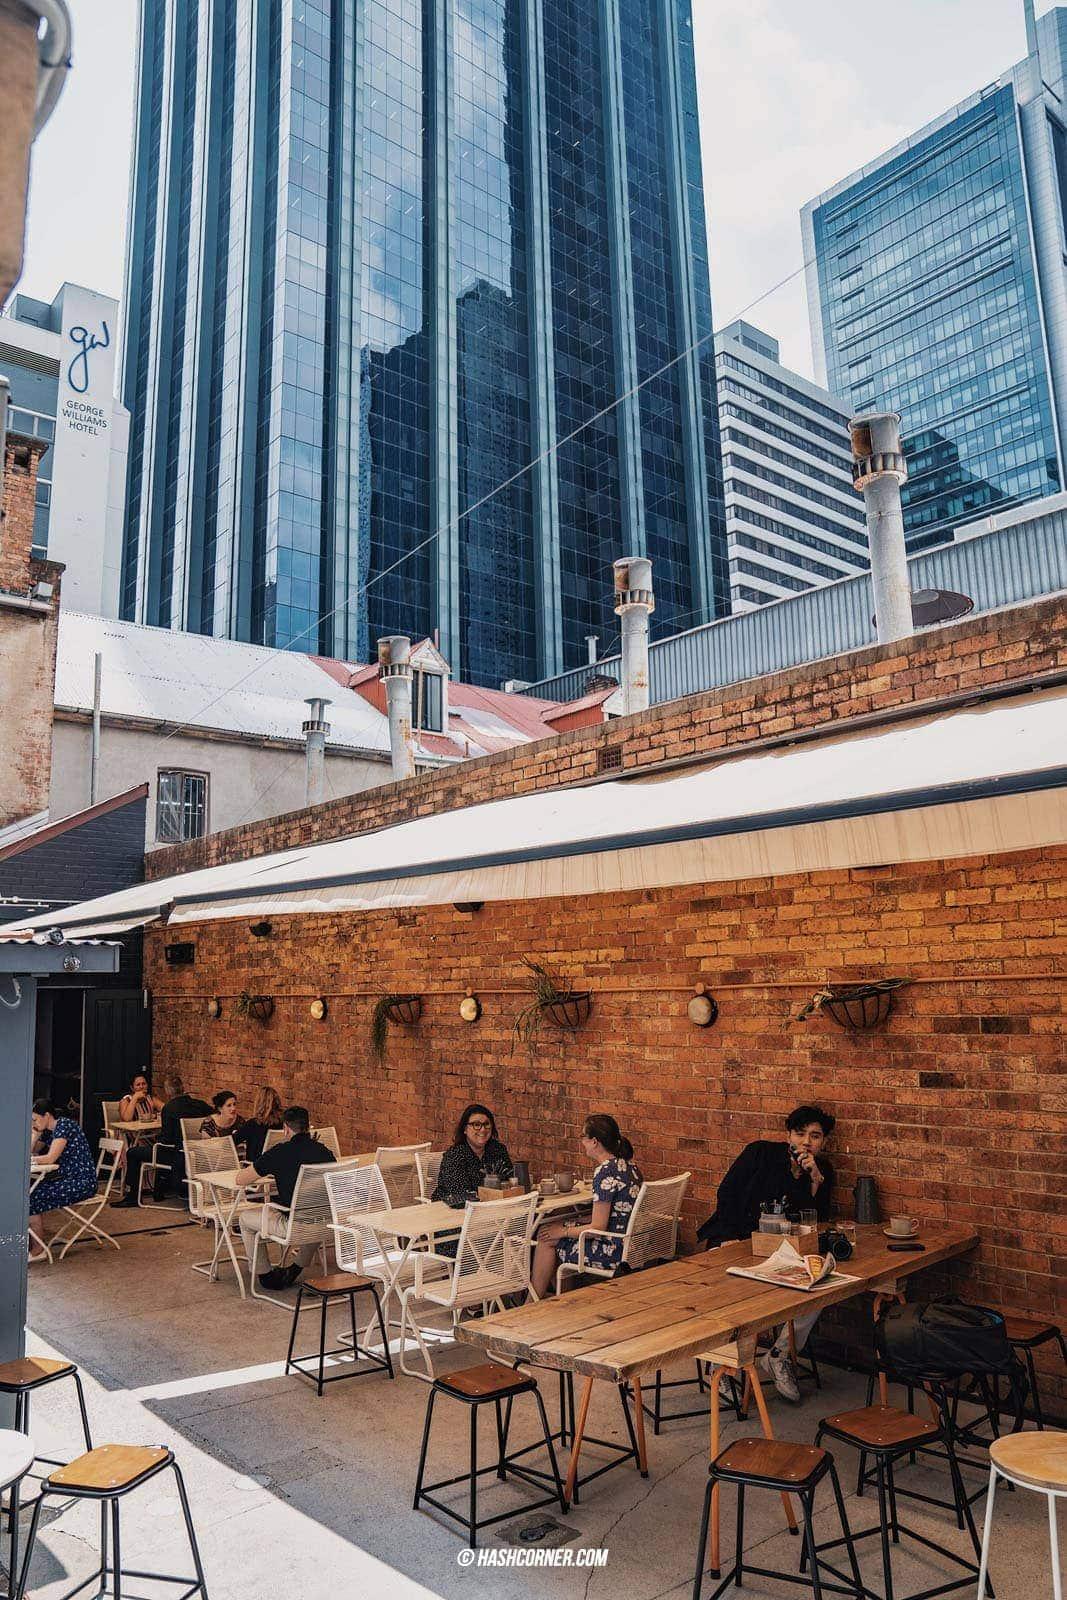 รีวิว บริสเบน-โกลด์โคสต์ (Brisbane x Gold Coast) เที่ยวออสเตรเลียเองคูลๆ